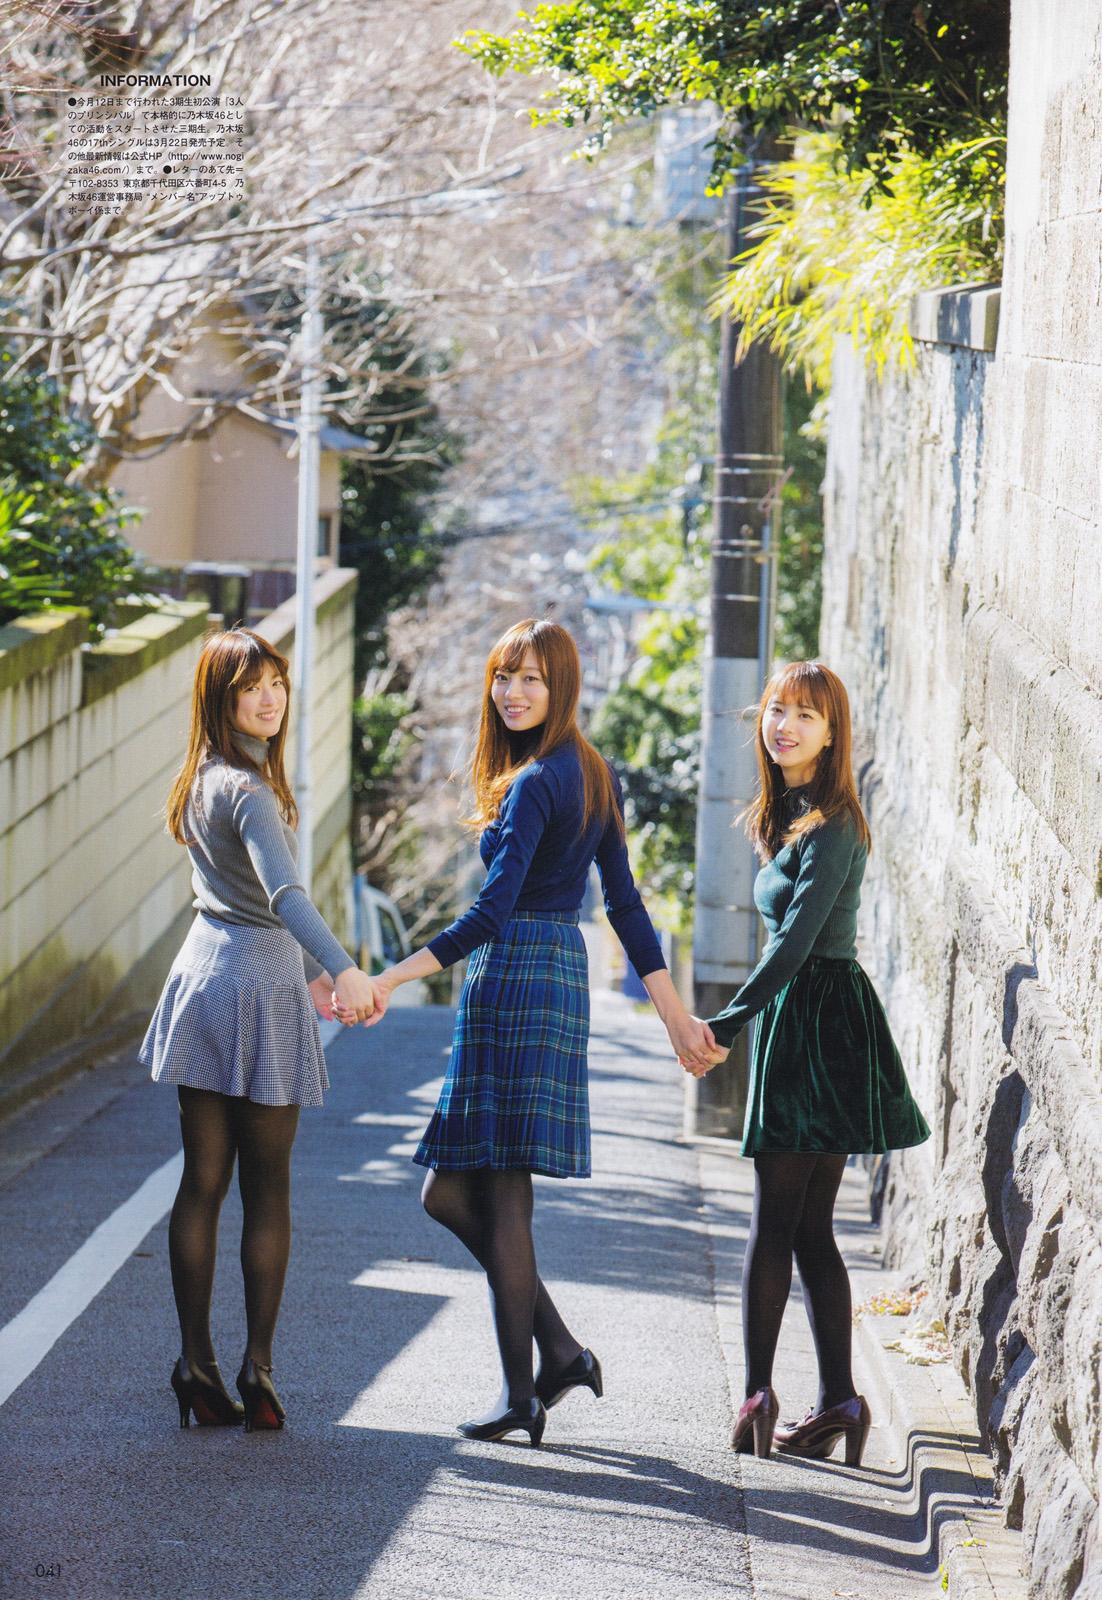 メンバーと3人で手をつないで並ぶ青いワンピースを着ている梅澤美波の画像